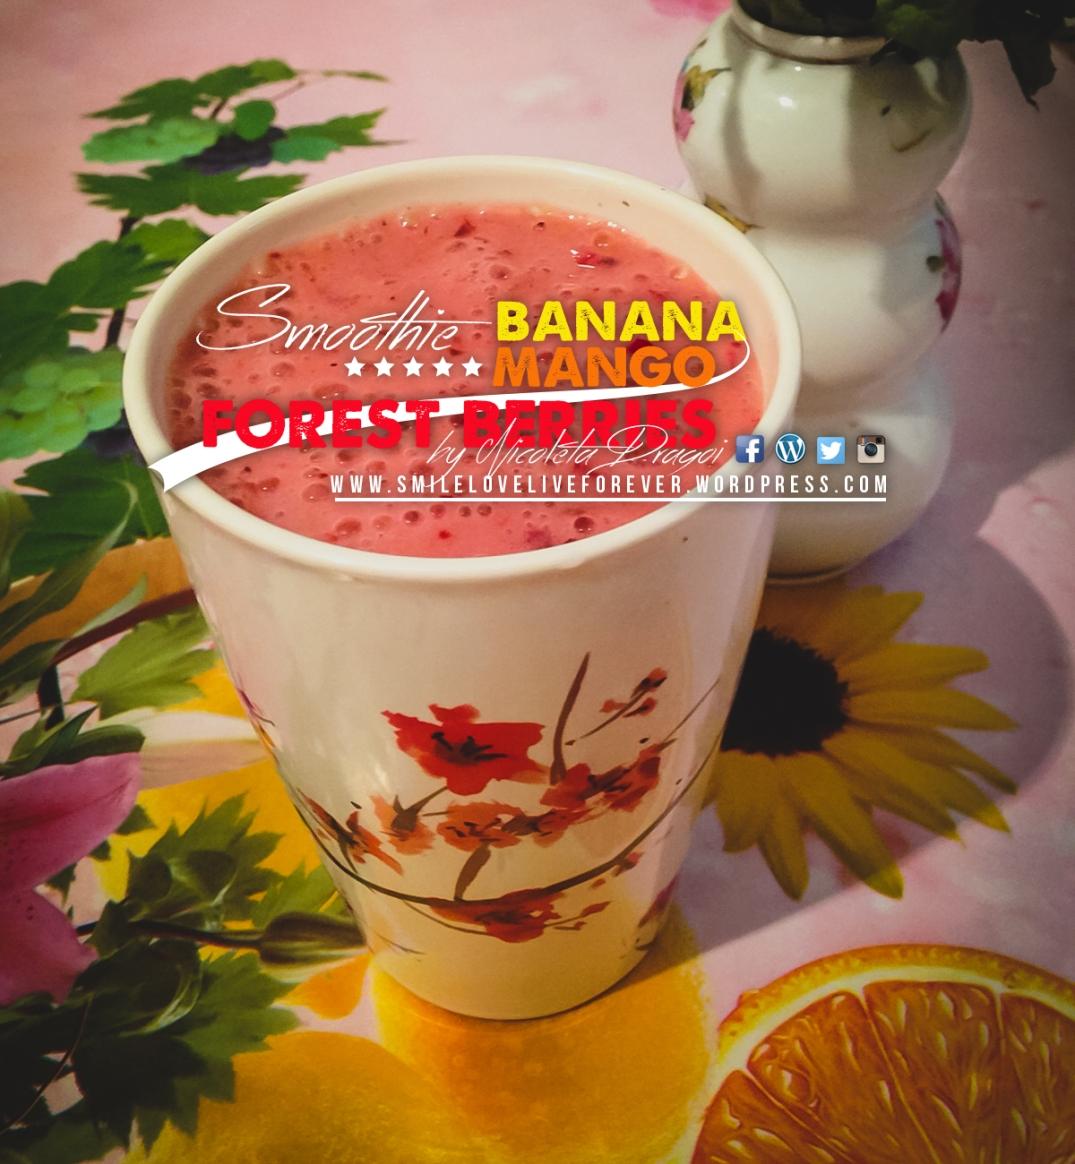 Banana Mango Forest Berries smileloveliveforever